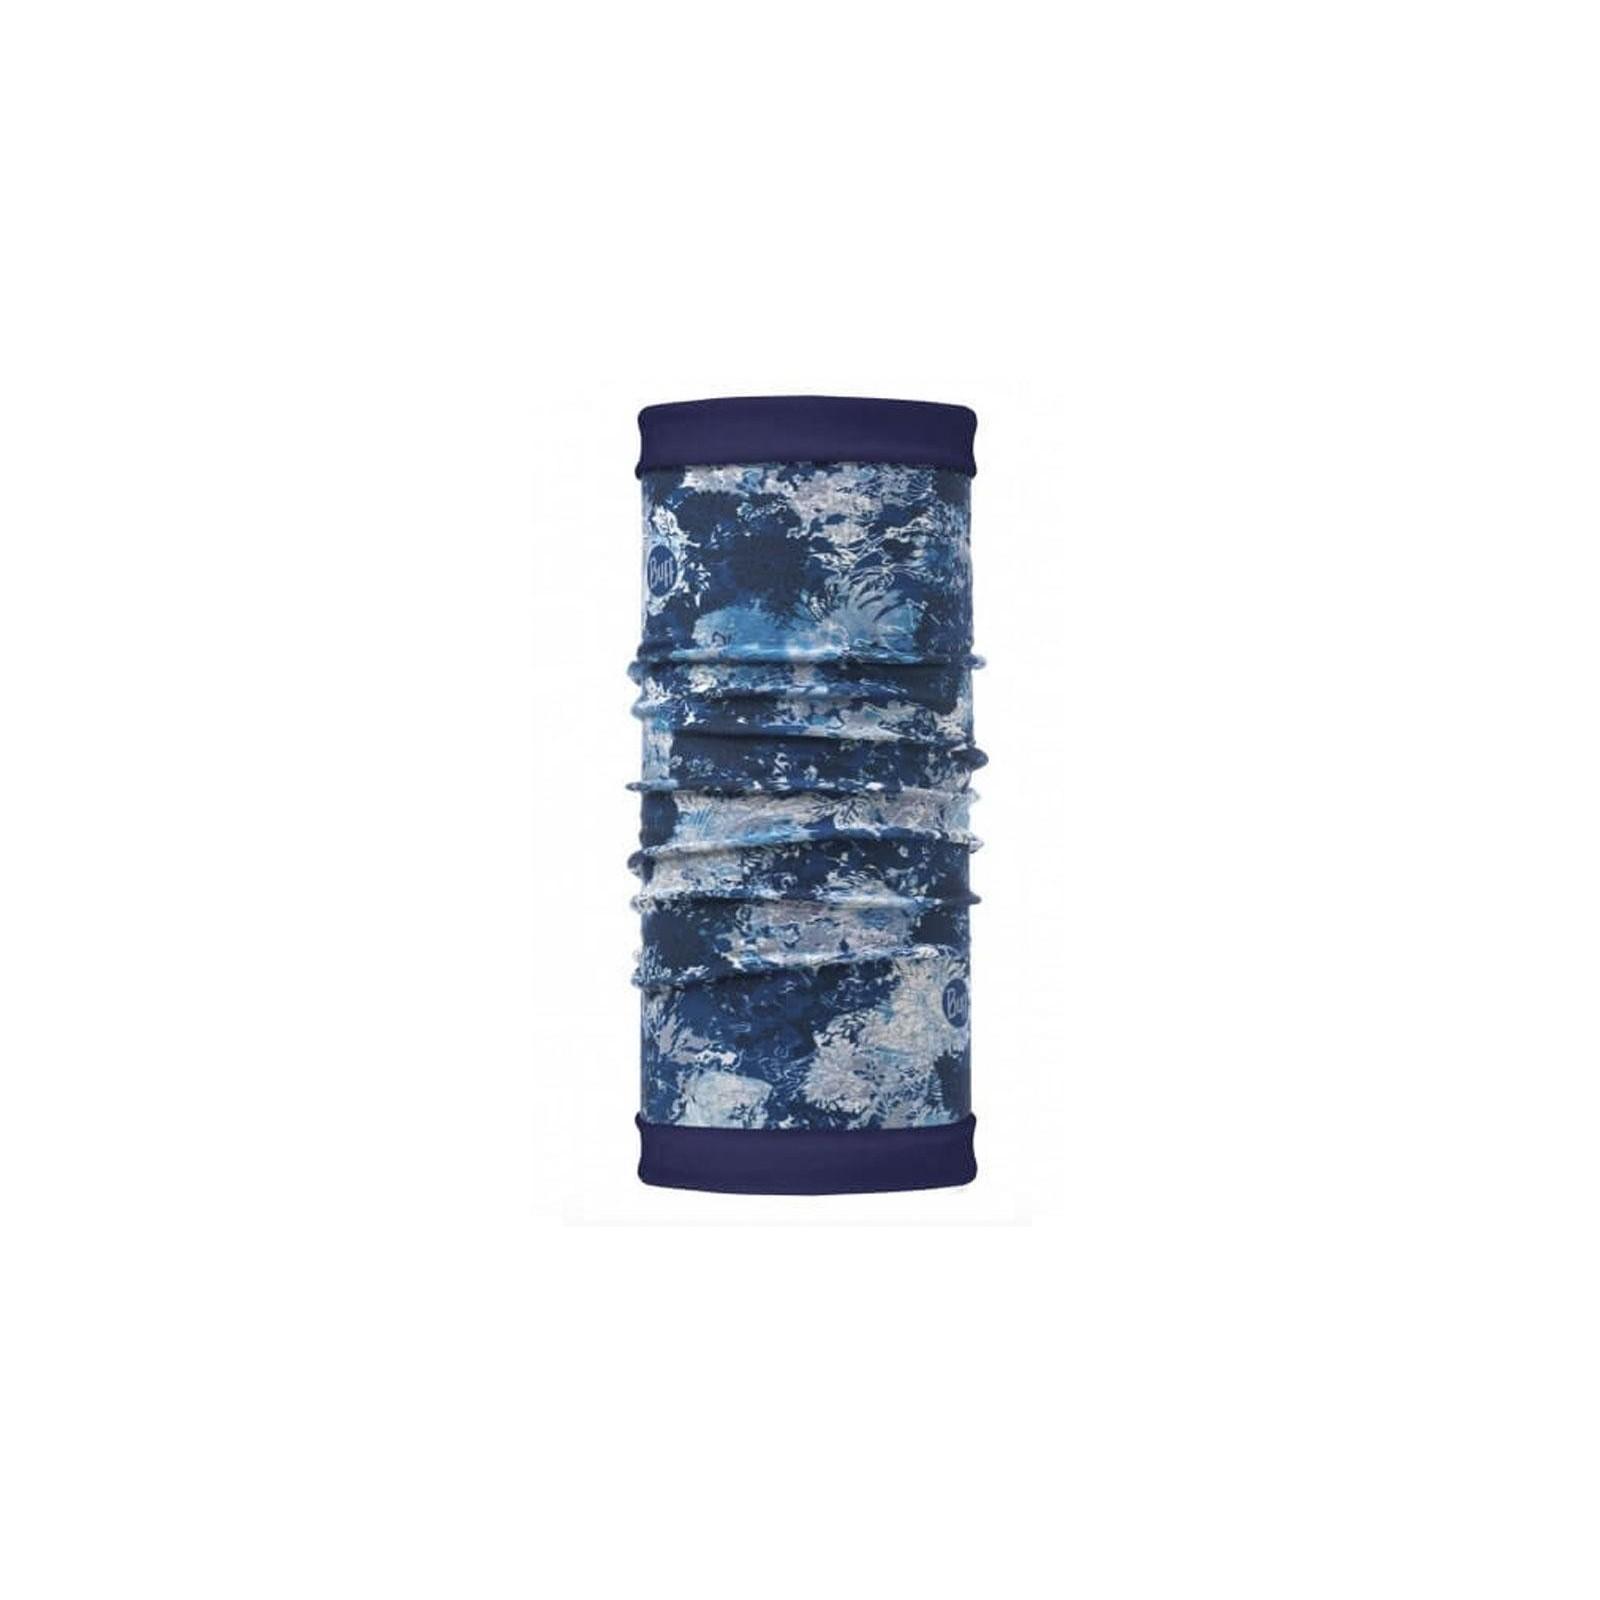 Buff-REVERSIBLE POLAR WINTER GARDEN BLUE. BUF118044707 7e553897b05